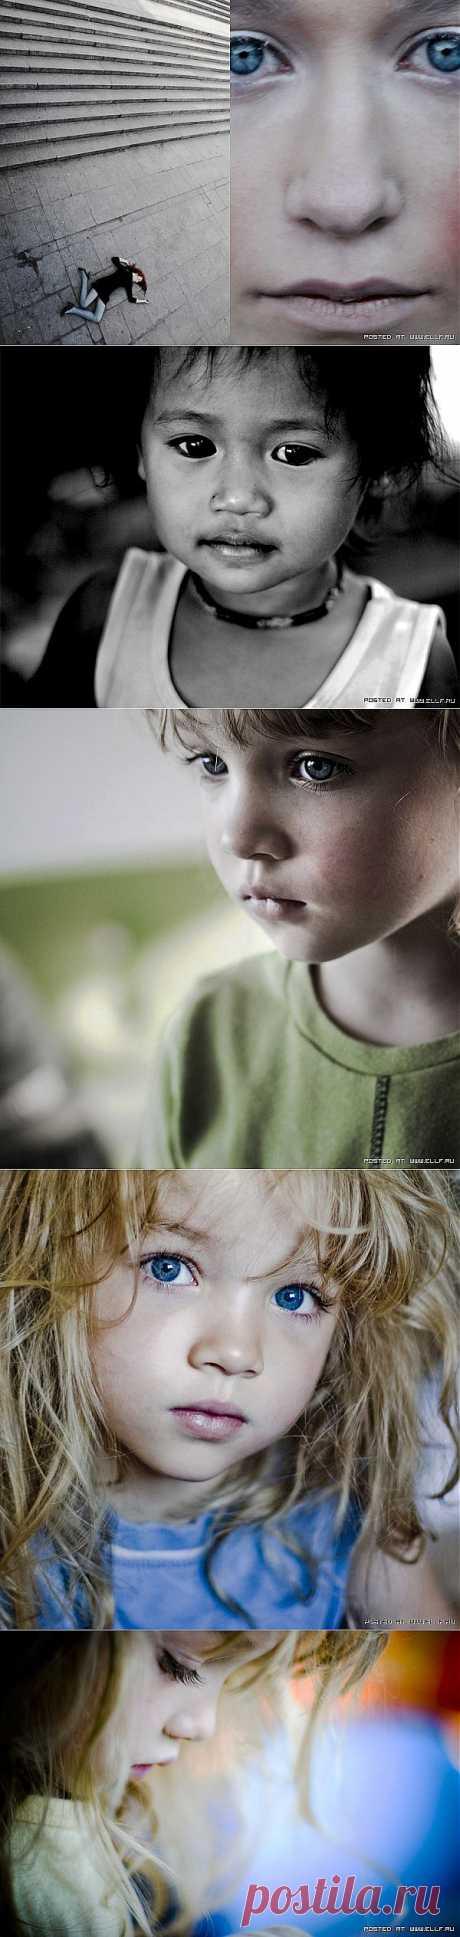 """(+1) - Фантастически эмоциональные кадры """"Глаза детей""""   О наших детях"""